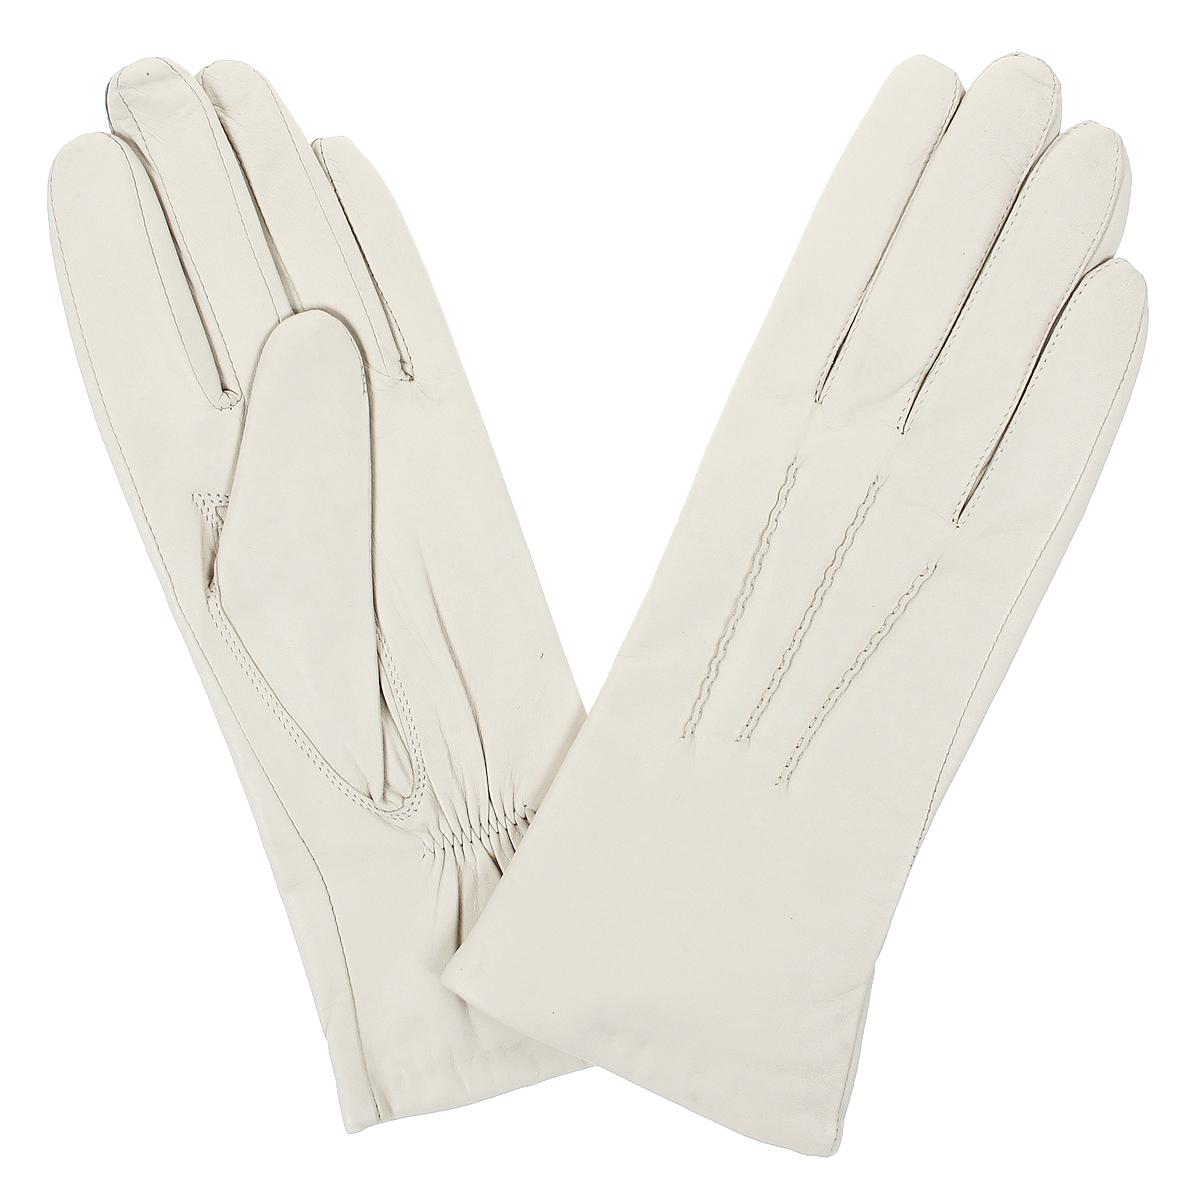 W804/10Стильные женские перчатки Baggini не только защитят ваши руки от холода, но и станут великолепным украшением. Перчатки выполнены из чрезвычайно мягкой и приятной на ощупь натуральной кожи, а их подкладка - из натуральной шерсти. На внутренней стороне под большим пальцем перчатки присборены на резинку. Лицевая сторона оформлена выпуклыми декоративными швами. В настоящее время перчатки являются неотъемлемой принадлежностью одежды, вместе с этим аксессуаром вы обретаете женственность и элегантность. Перчатки станут завершающим и подчеркивающим элементом вашего стиля и неповторимости.